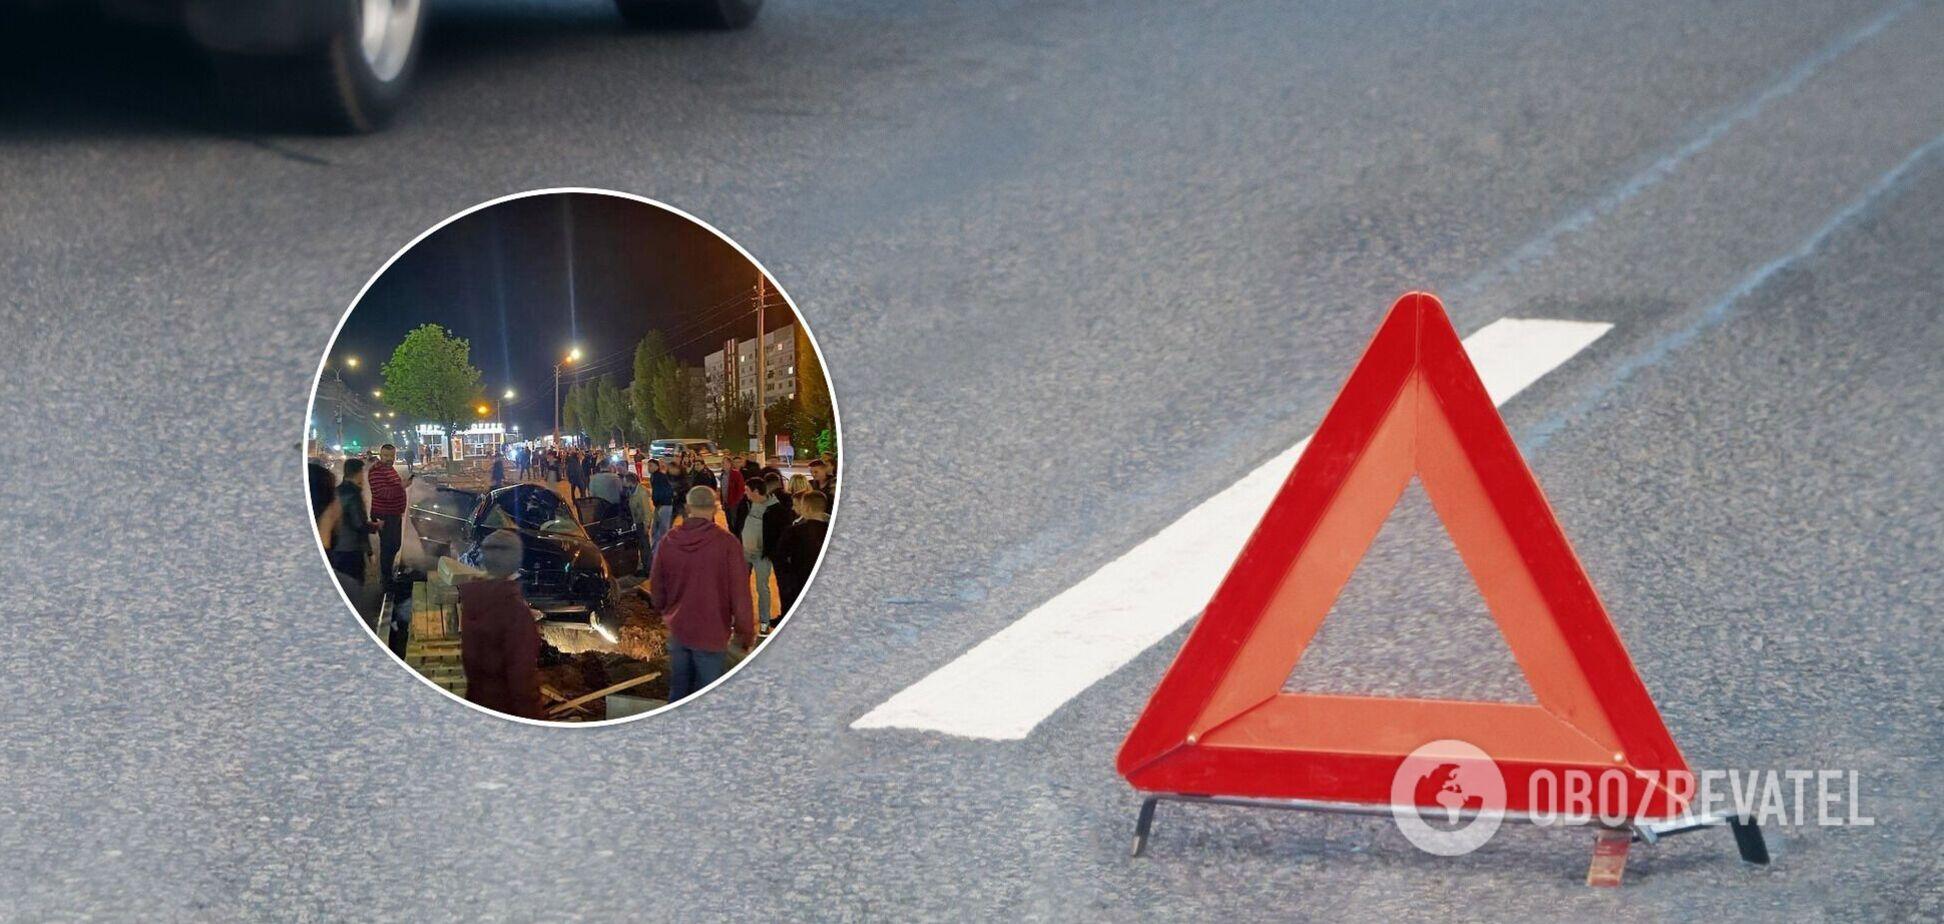 Під Києвом чоловік загинув, перебігаючи дорогу. Фото з місця ДТП